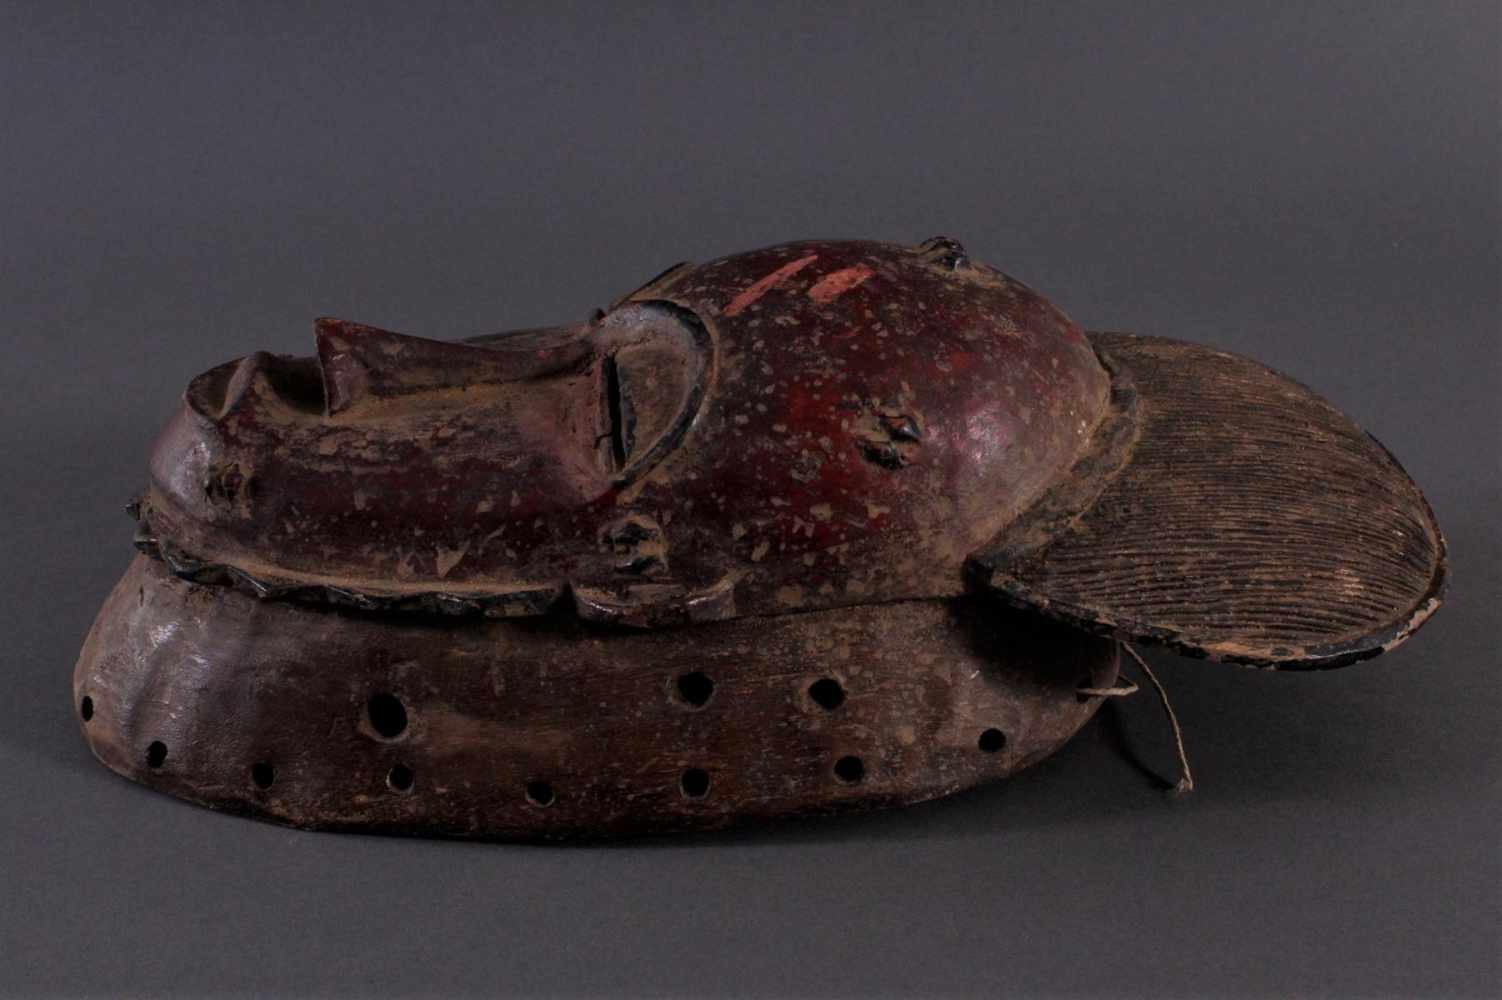 Antike Kpan-Maske, Baule, Elfenbeinküste 1. Hälfte 20. Jh.Holz geschnitzt, dunkle Patina, rot - Bild 3 aus 4